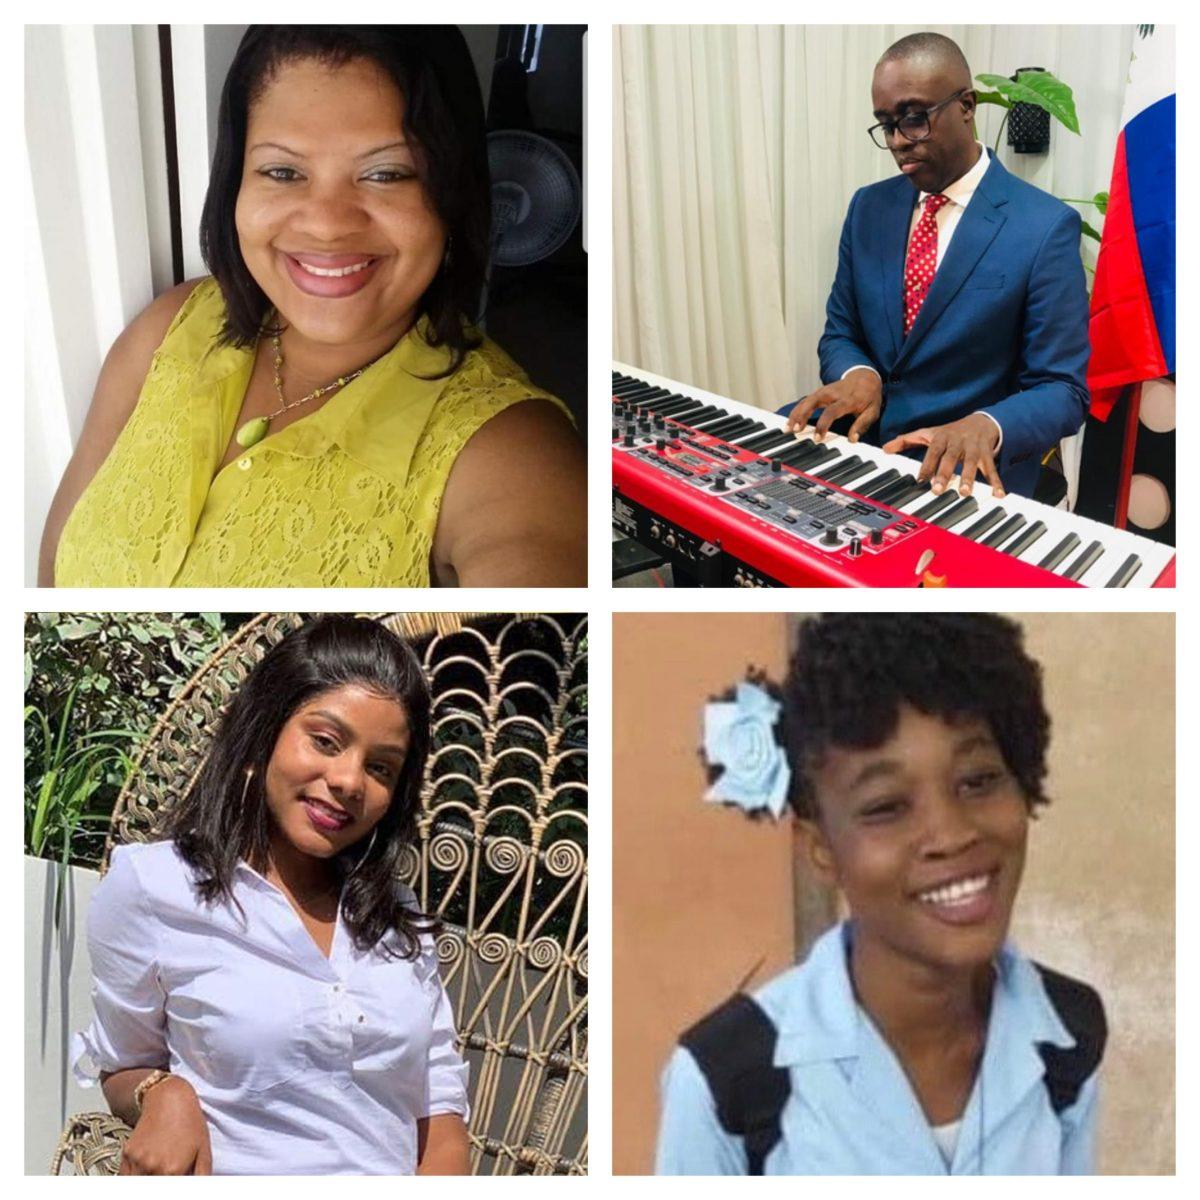 haiti kidnapping victims